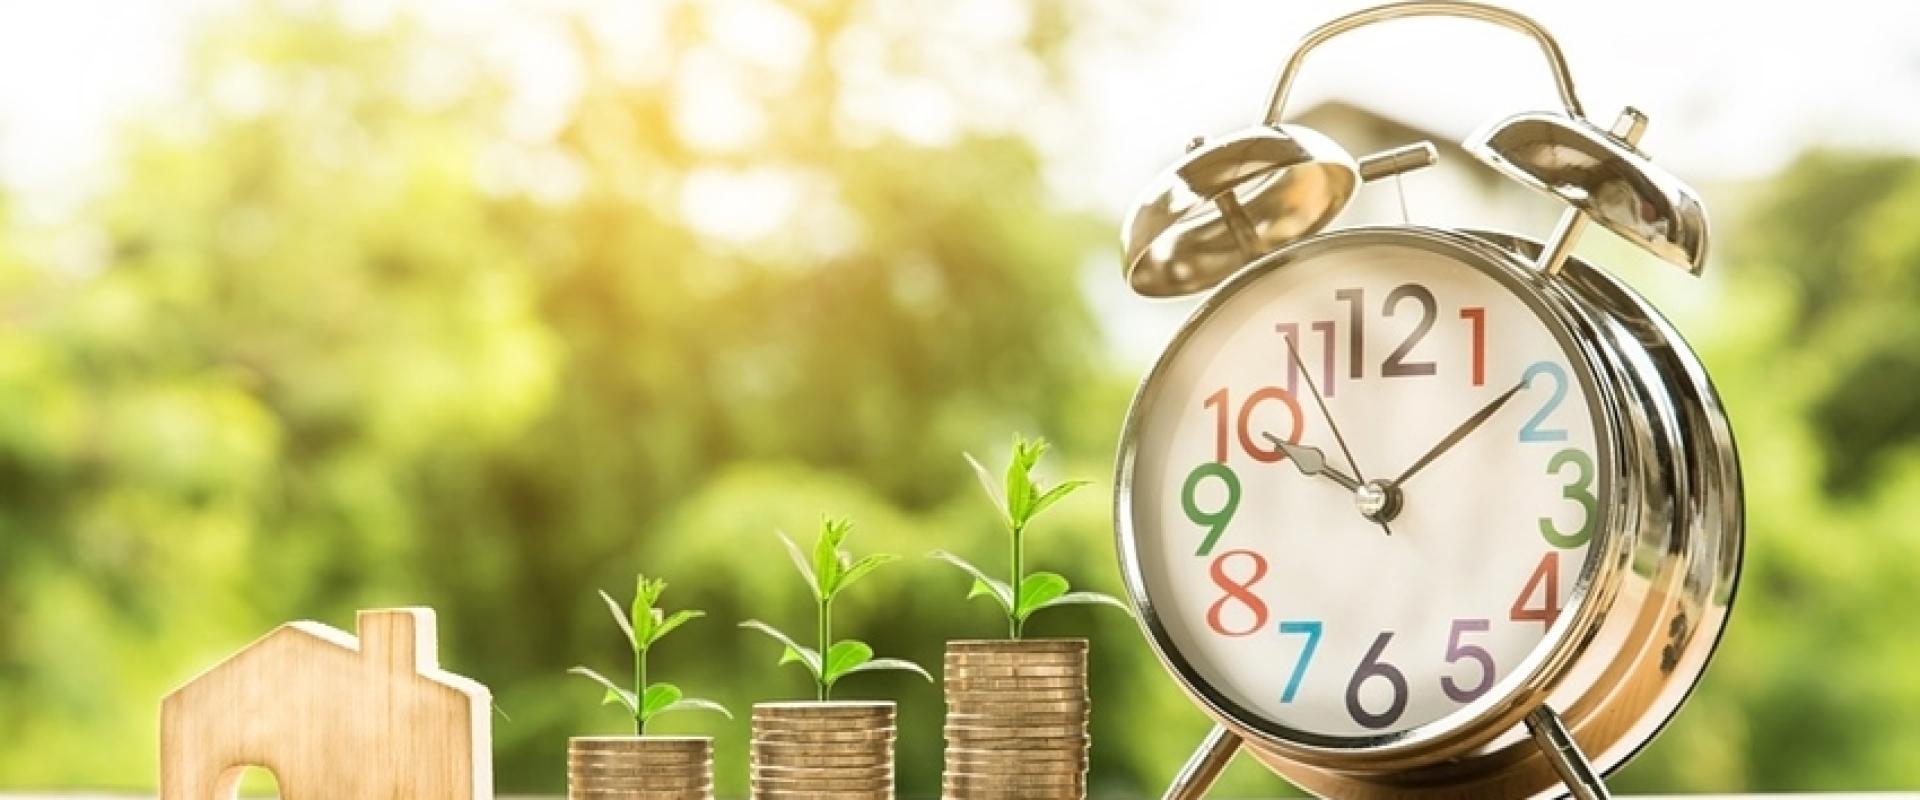 Onafhankelijk hypotheekadvies vs advies bij de bank: wat is de beste keuze?